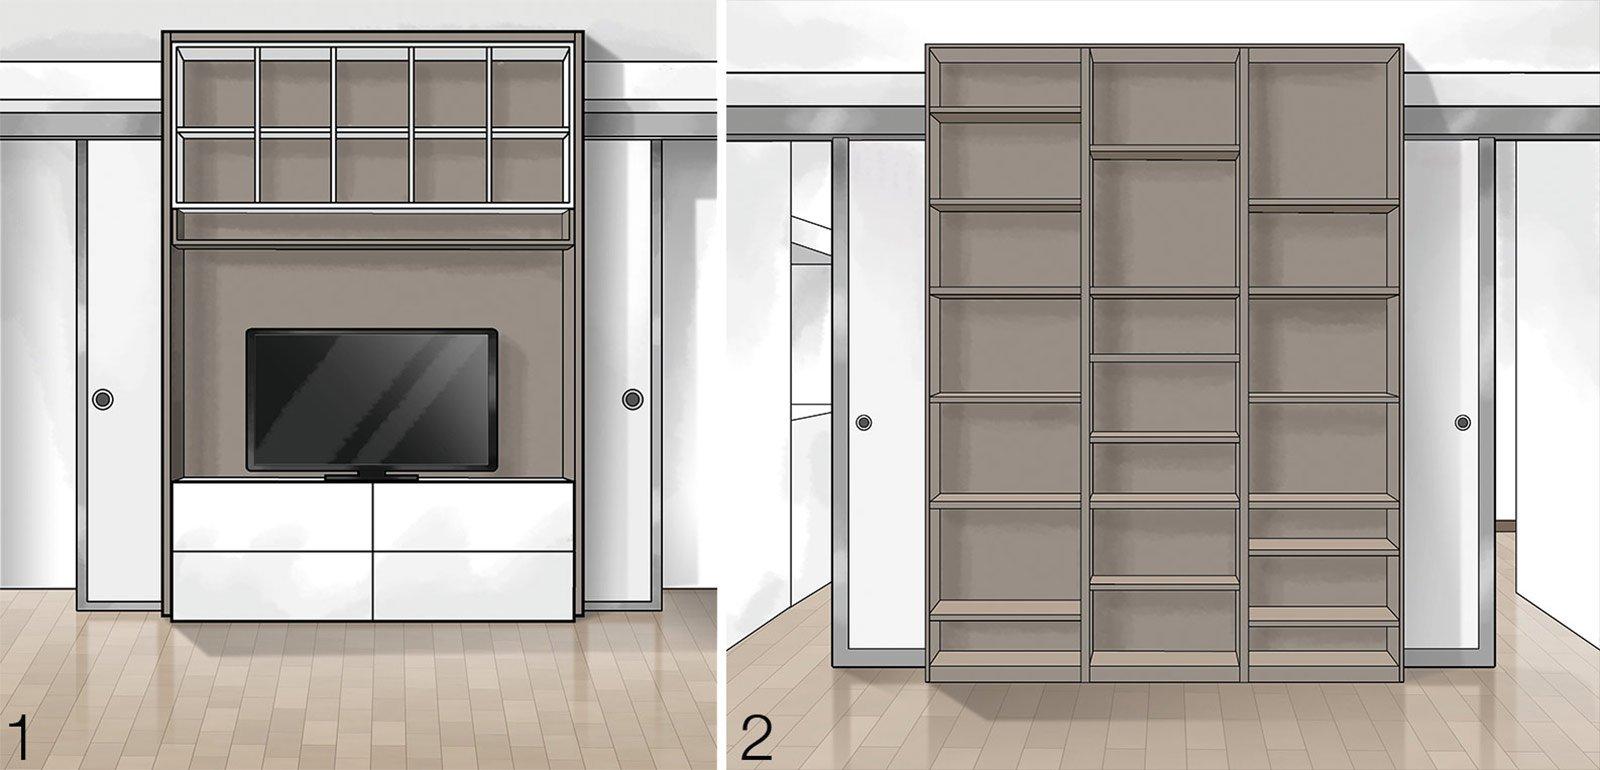 Suddivisioni ottimizzate per la casa di meno di 100 mq for Disegni di mobili aspen